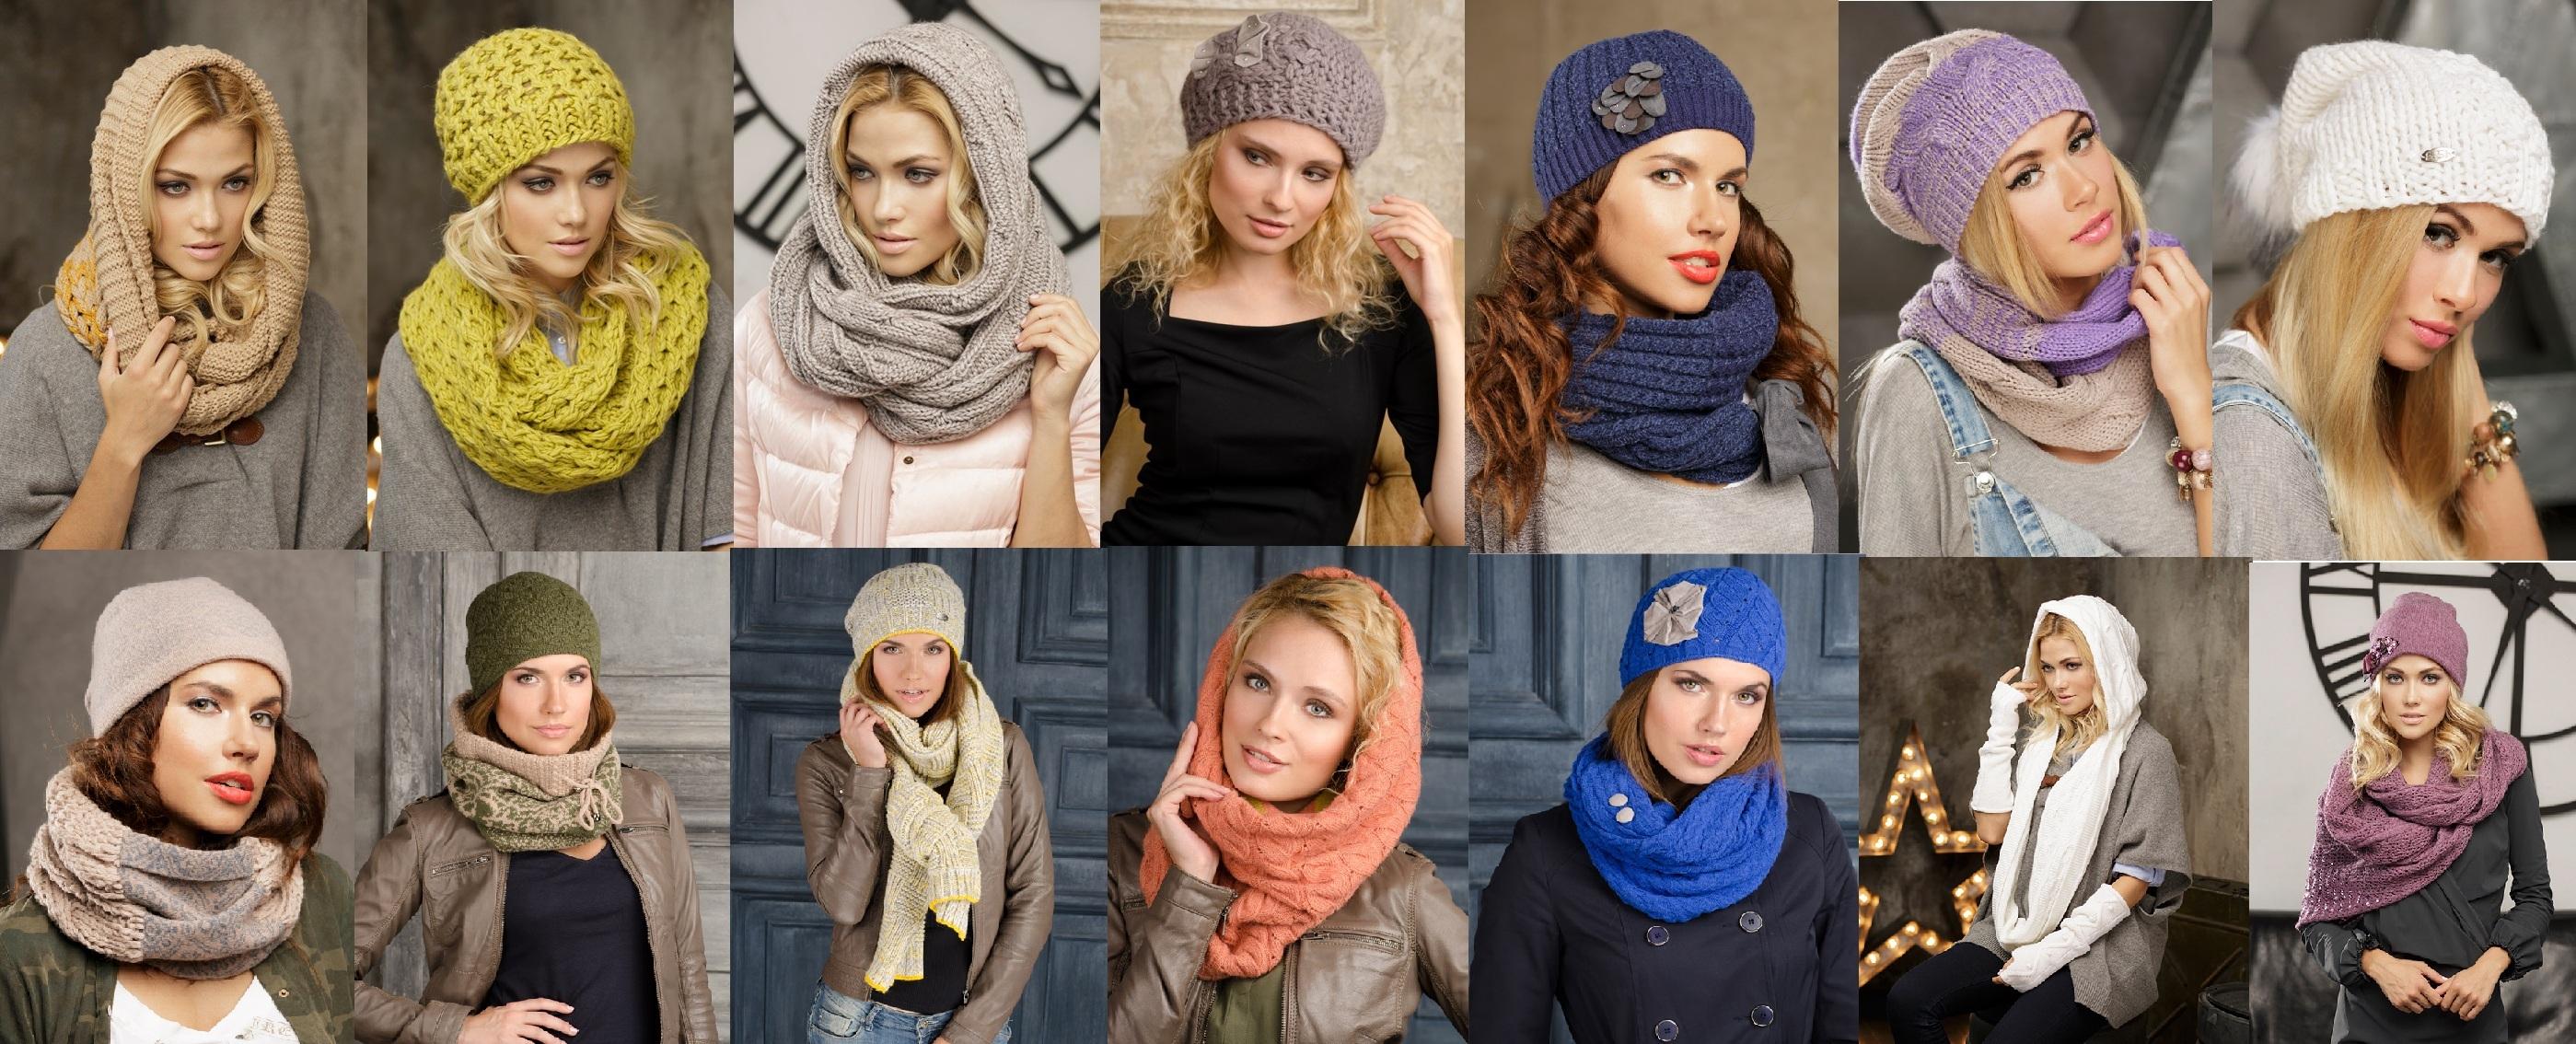 Сбор заказов. Supershapka - супер модные шапки, береты, капоры, снуды, капюшоны, комплекты, шарфы, варежки. Для мужчин